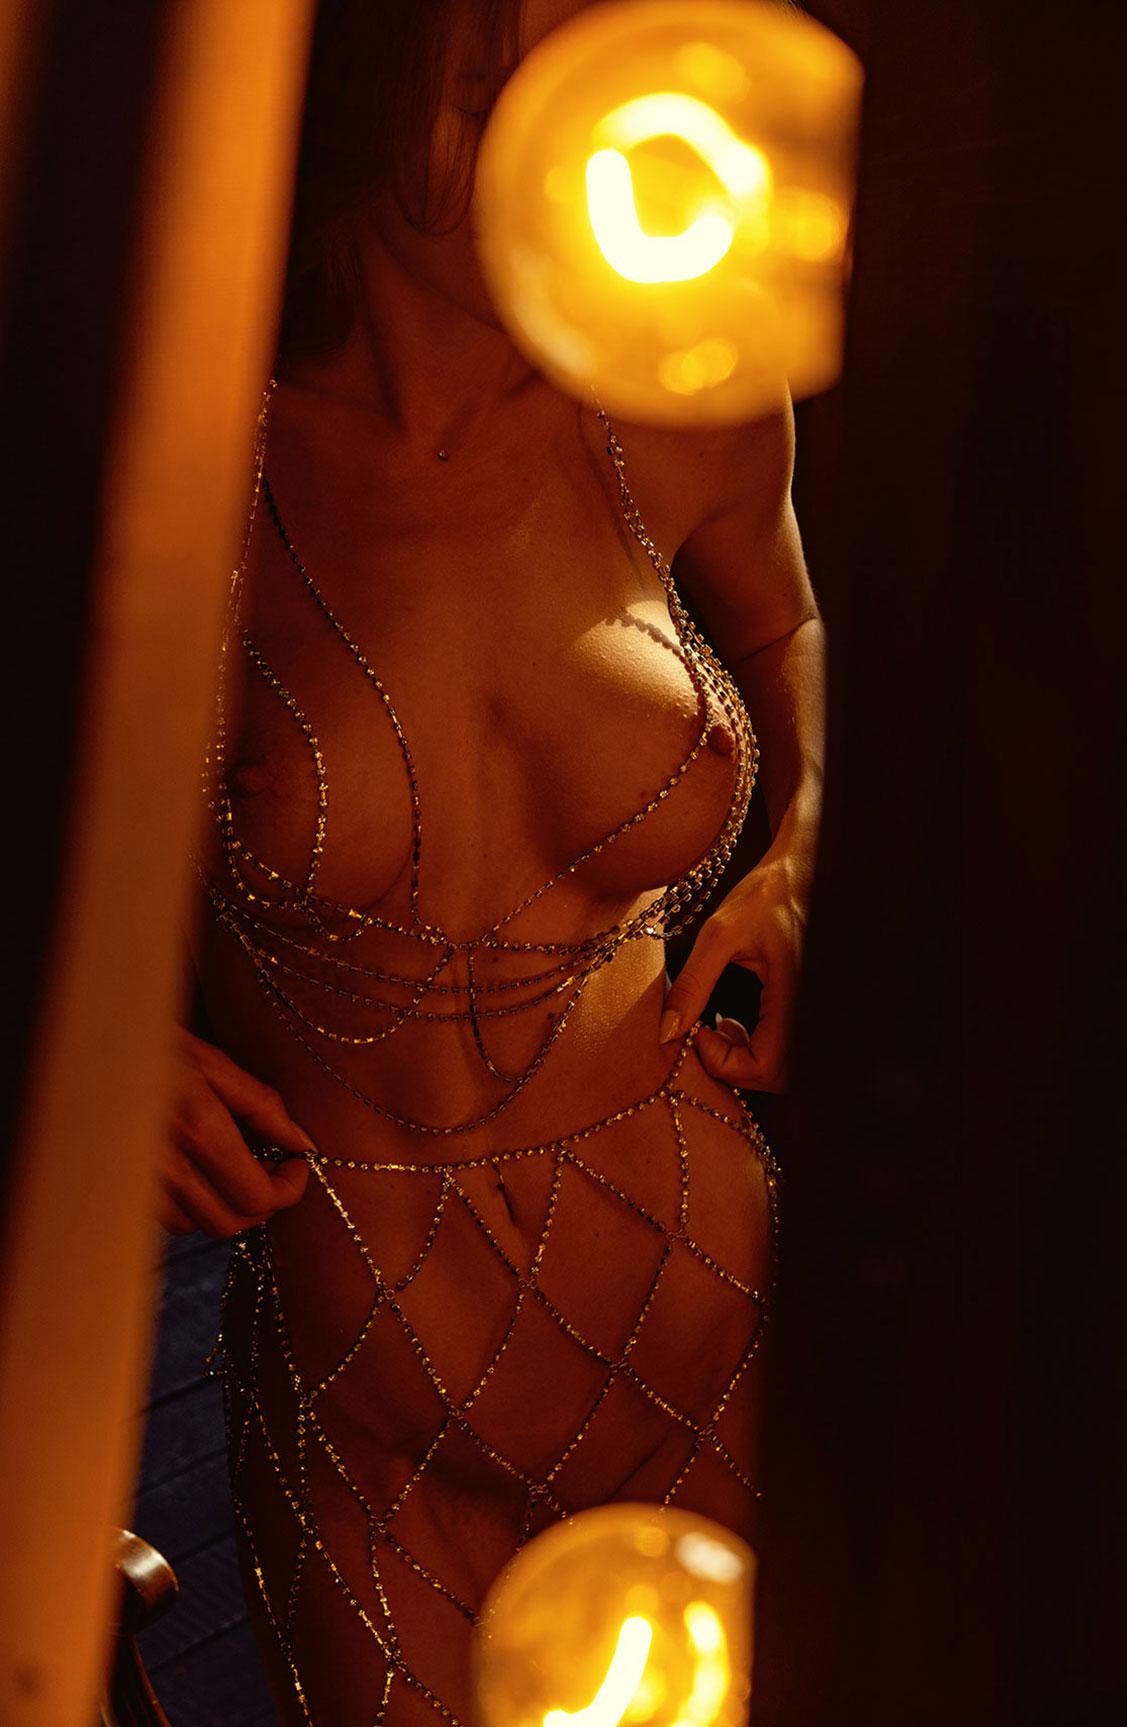 Сексуальная голая девушка в драгоценных цепях / фото 20